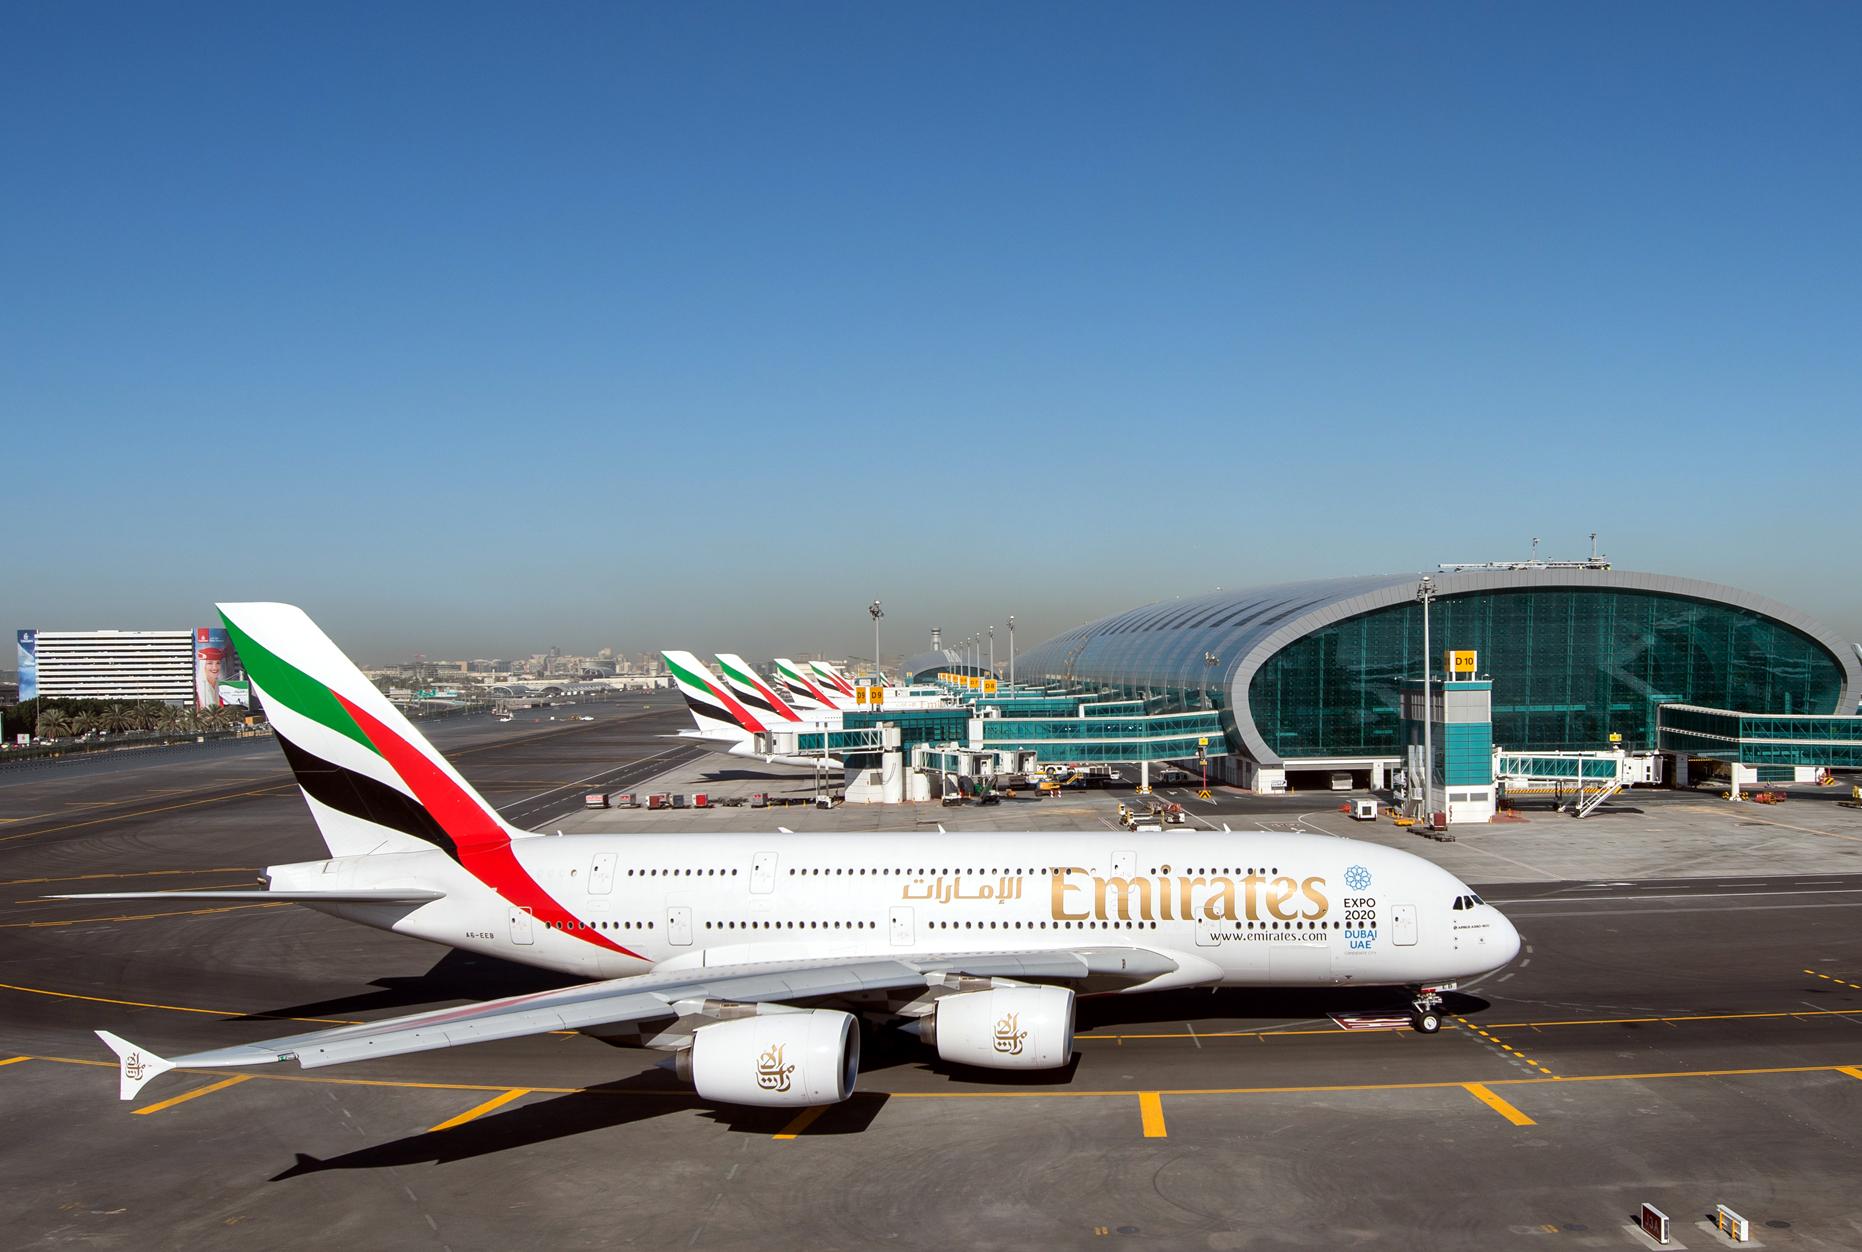 Emirates, Hava Taşıtı Parçaları Üretmede 3D Teknolojisini Kullanmaya Başladı